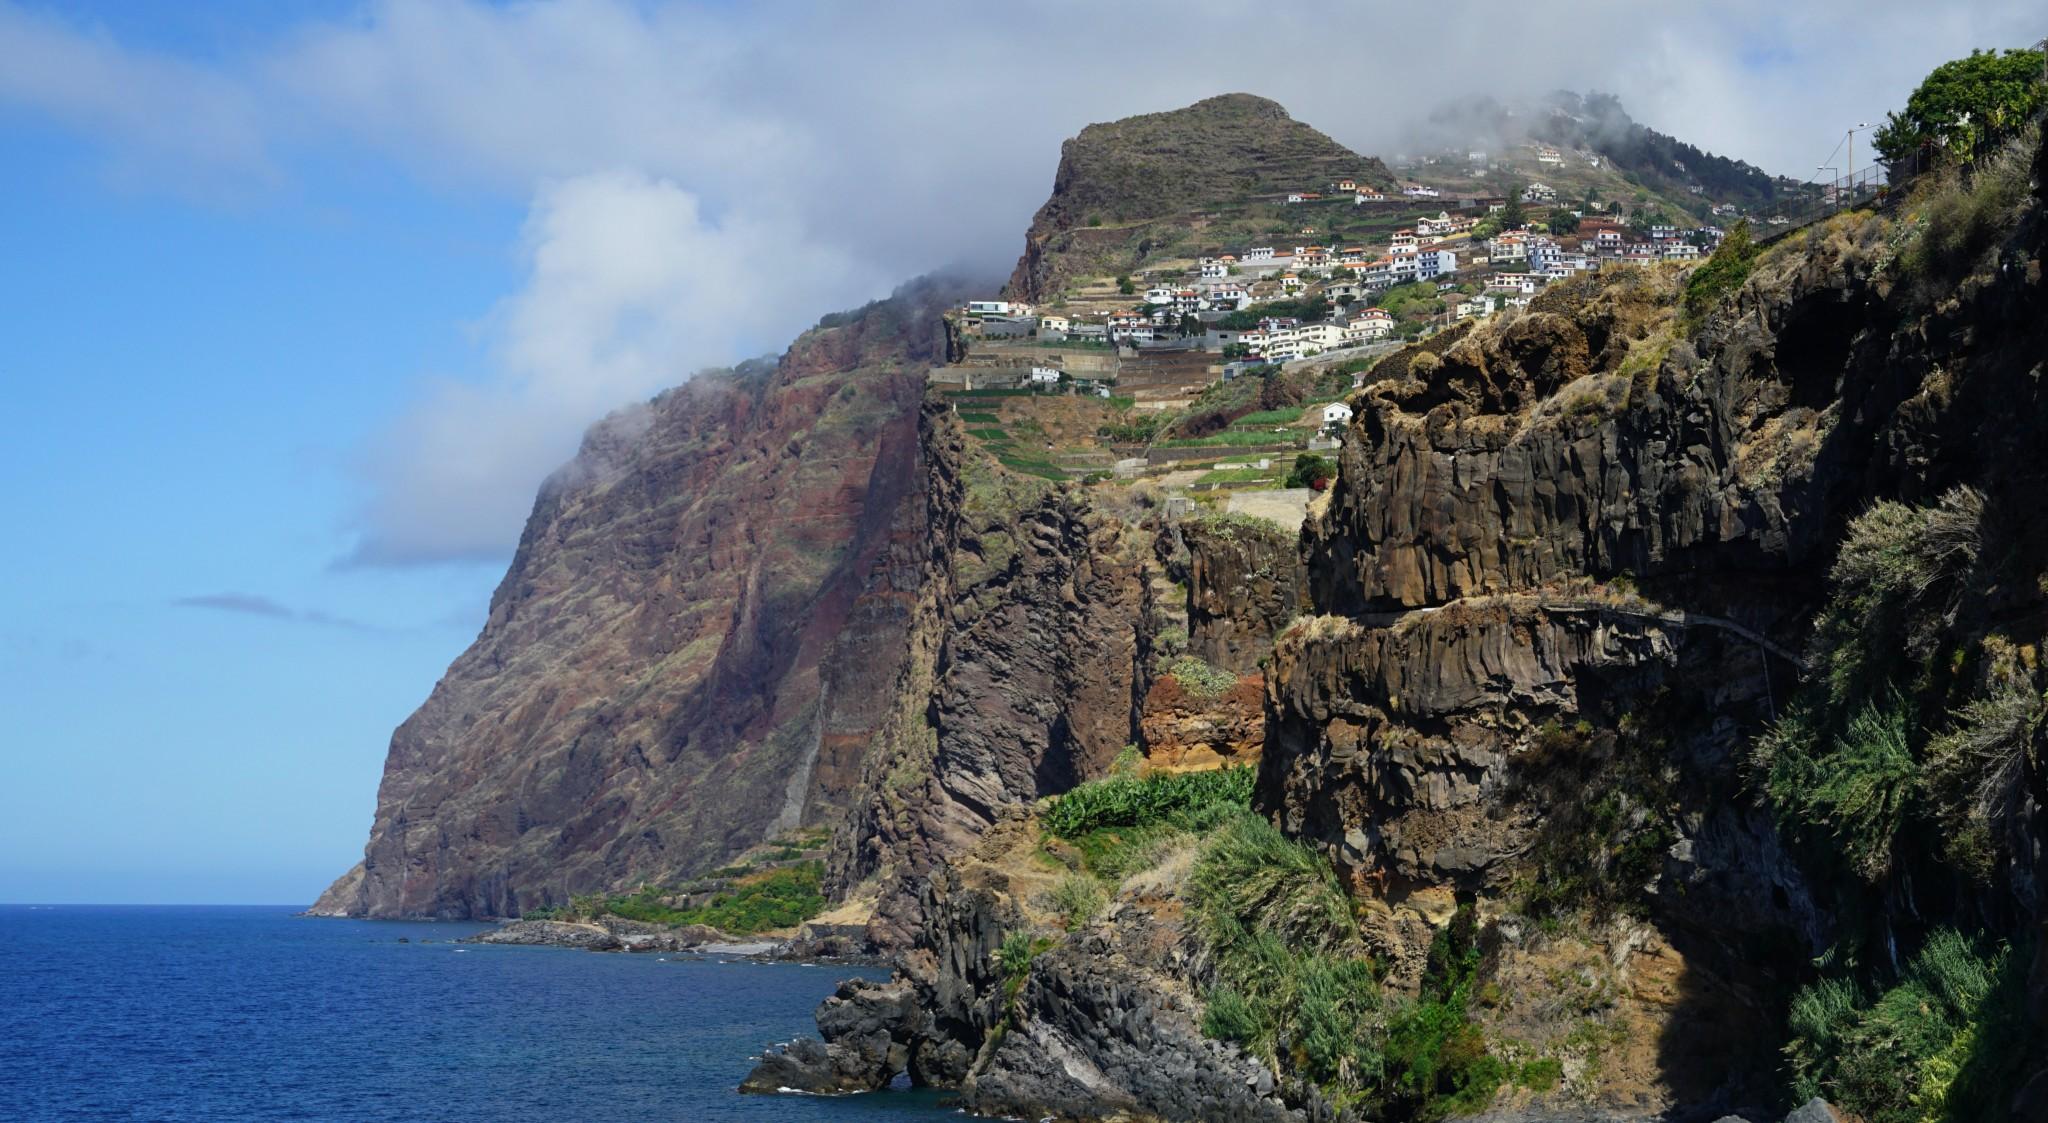 Madeira-Blick auf typische Steilküste und Meer